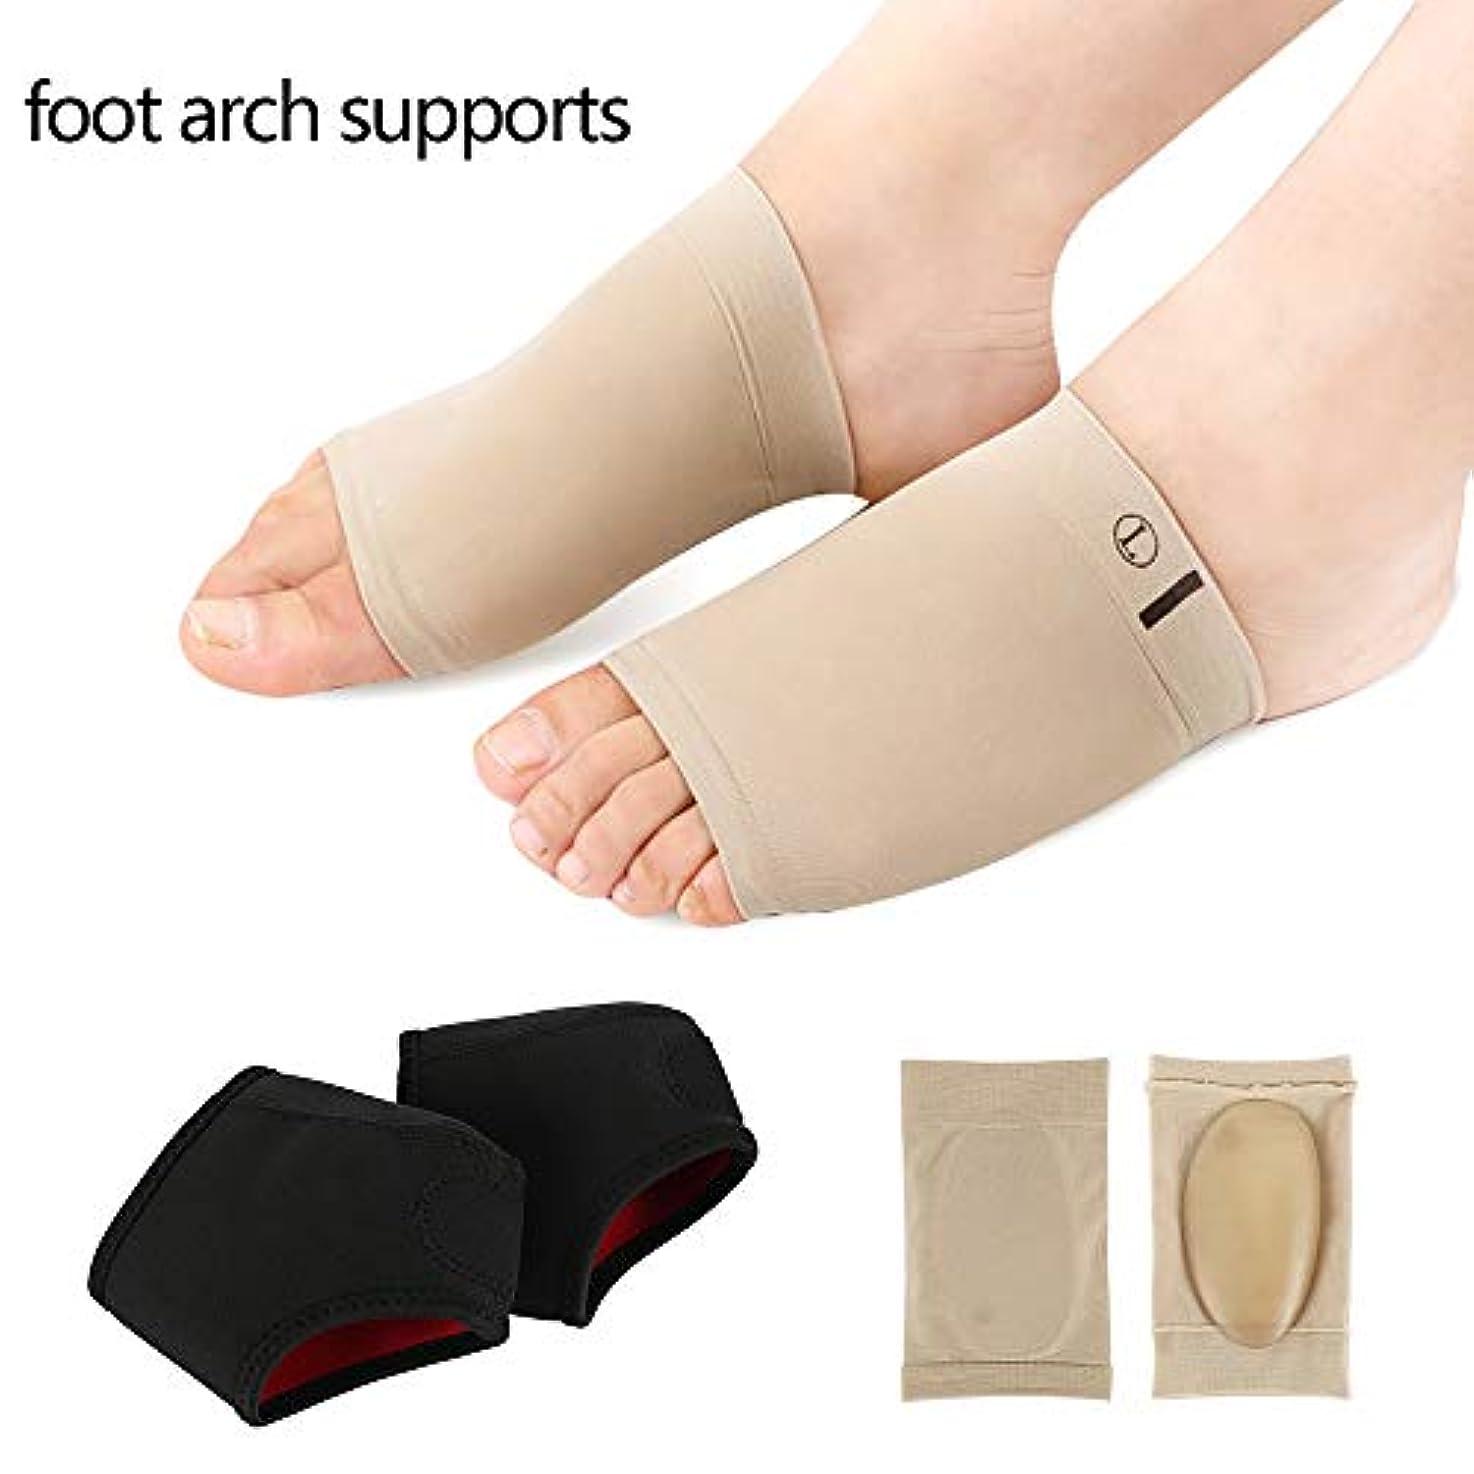 敗北原子炉敗北Powanfity 足首ブレース 足底筋膜炎 足の痛み解消 サイズ調整可能 アーチサポーター シリコン素材 足の痛み防止 足裏 フリーサイズ 男女兼用